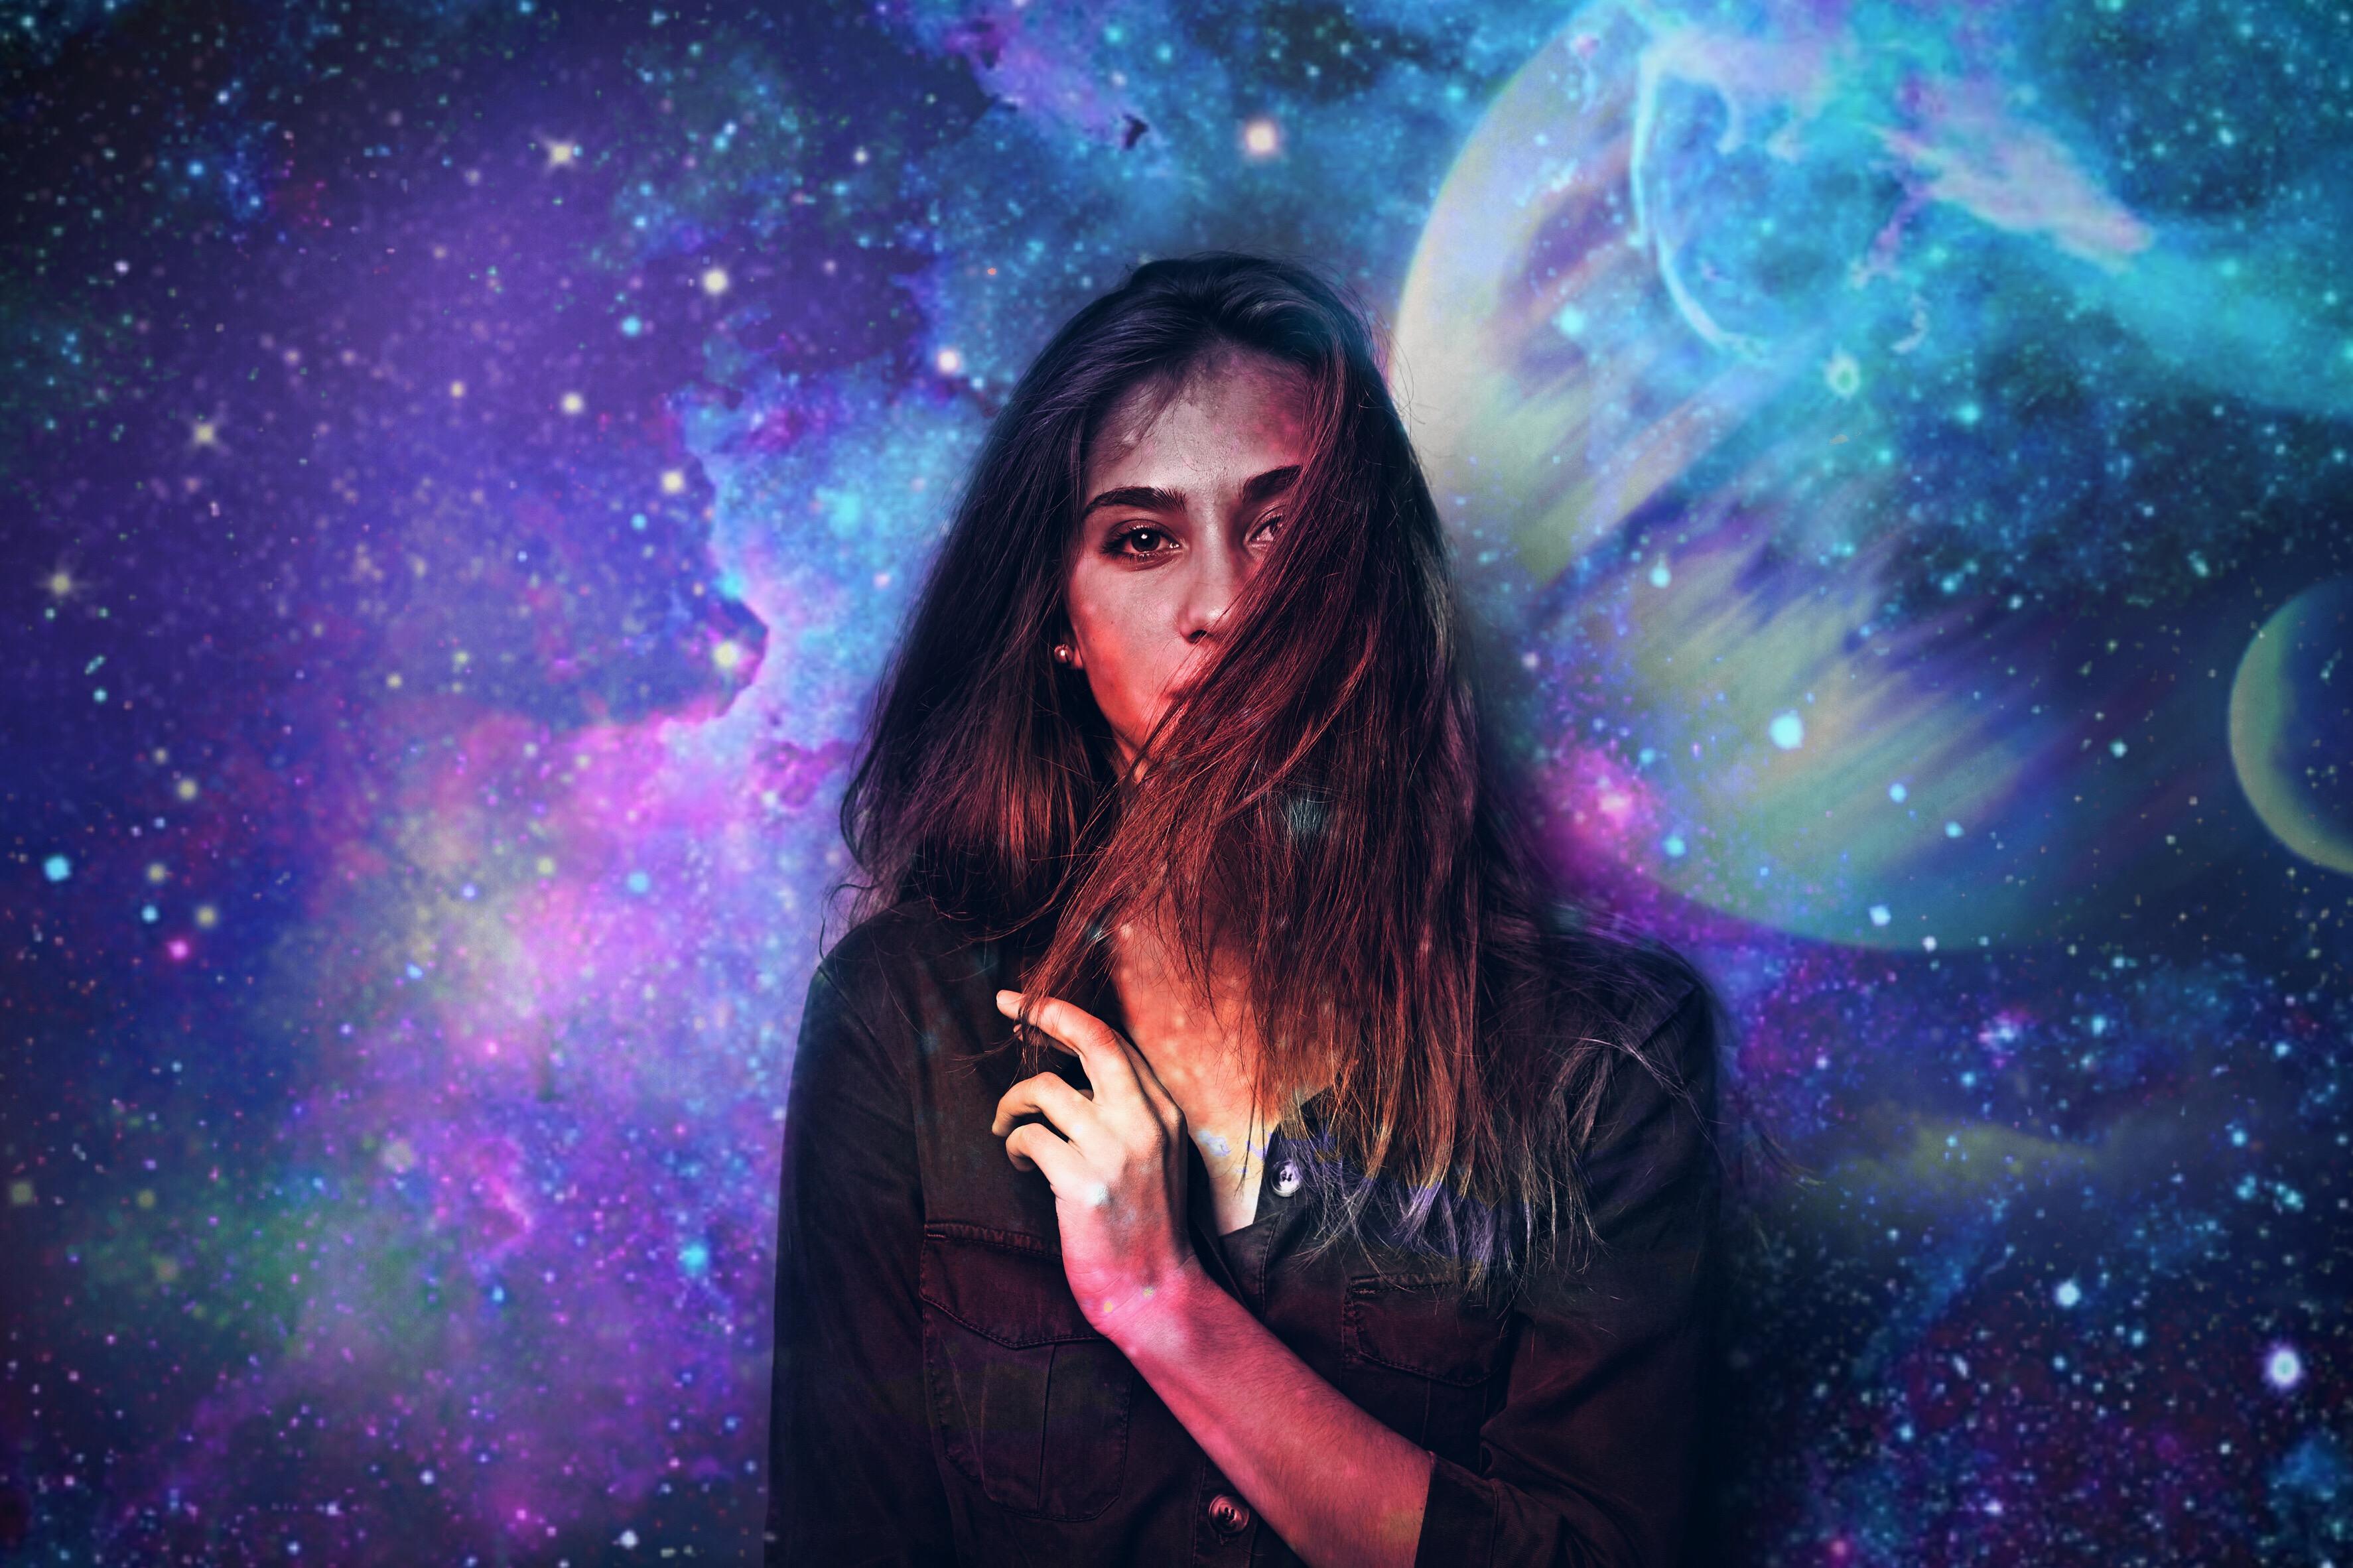 Картинки девушки и галактика